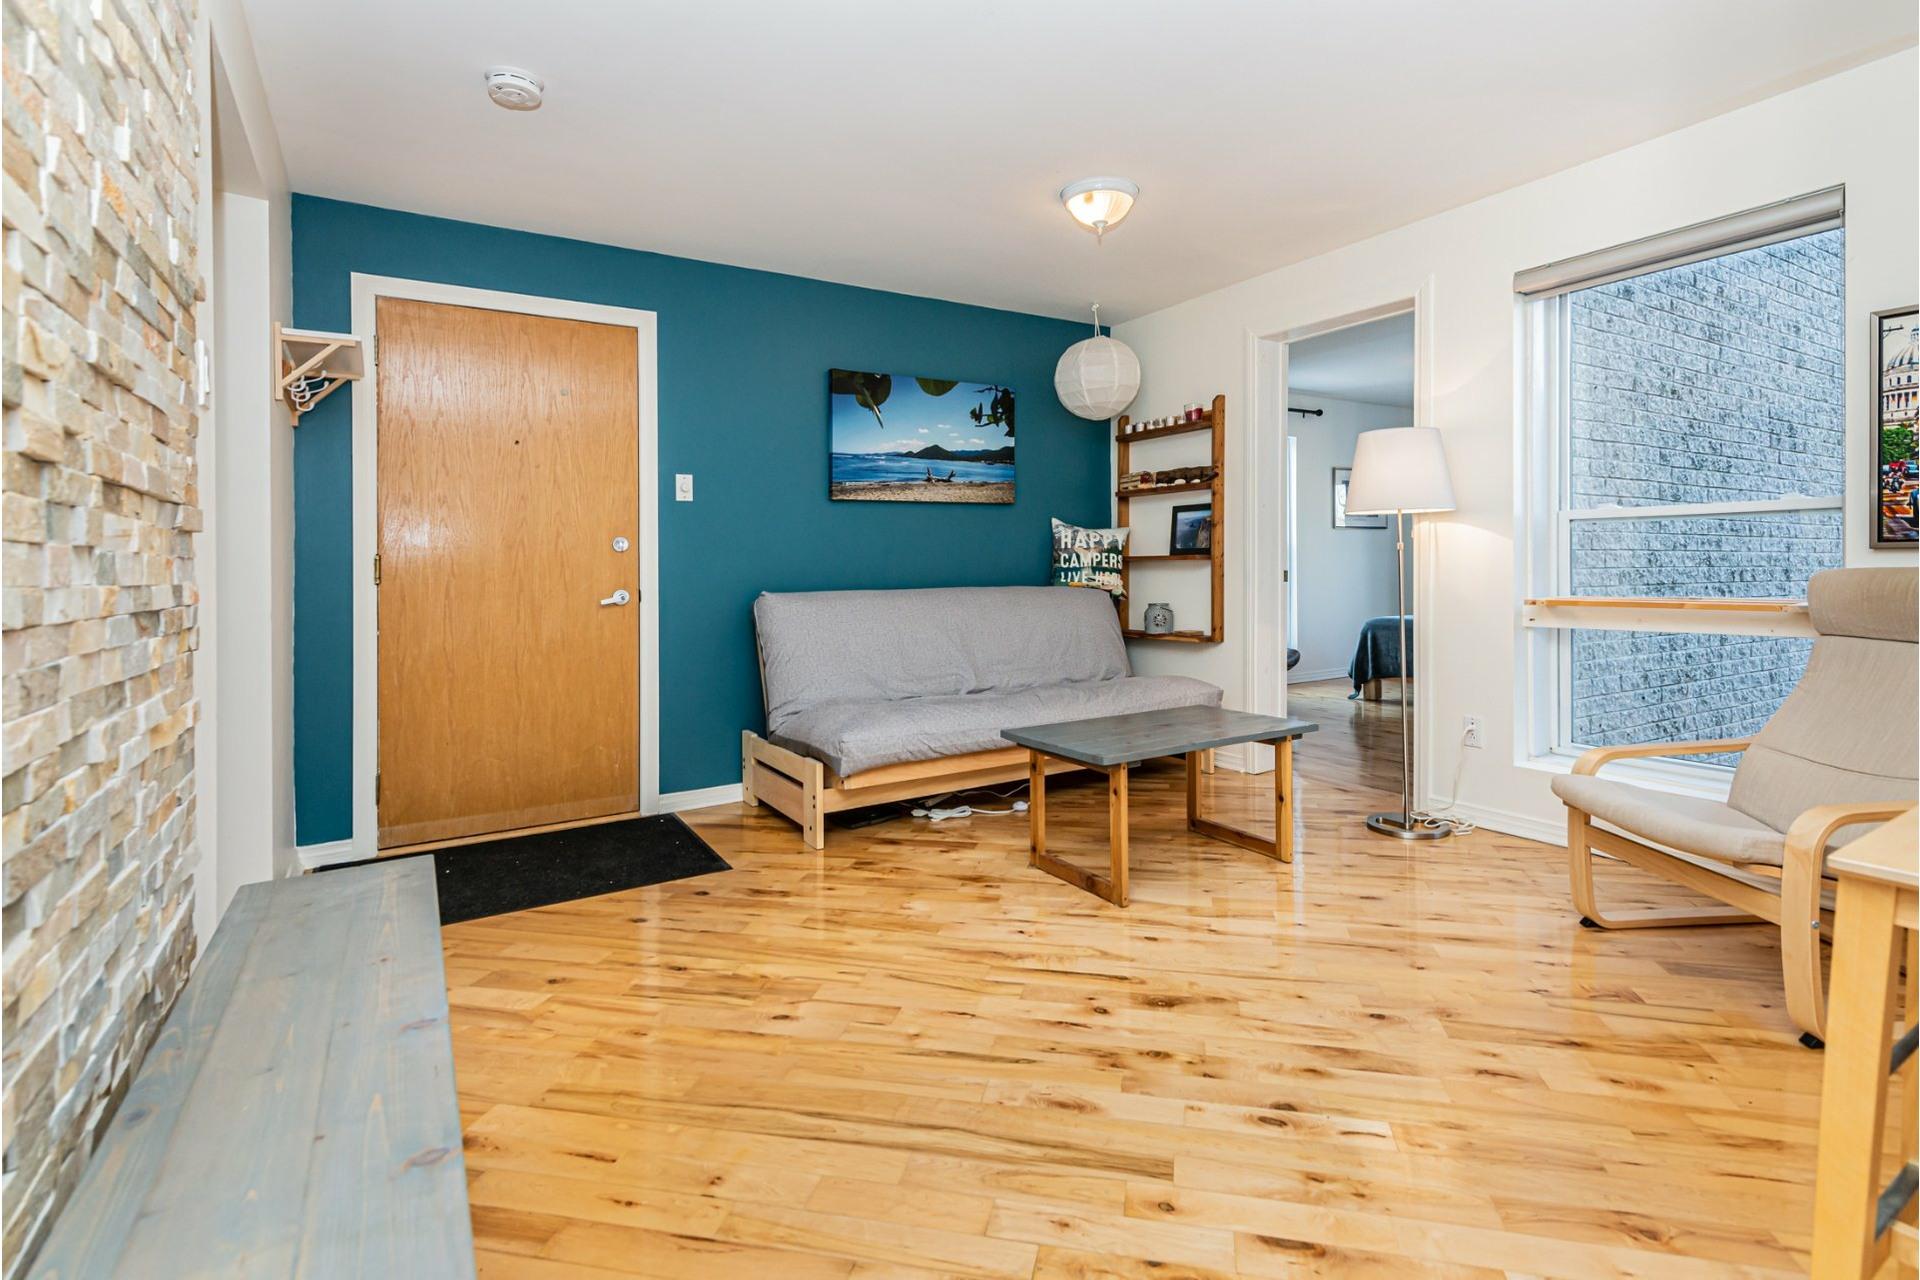 image 5 - Appartement À louer Lachine Montréal  - 4 pièces